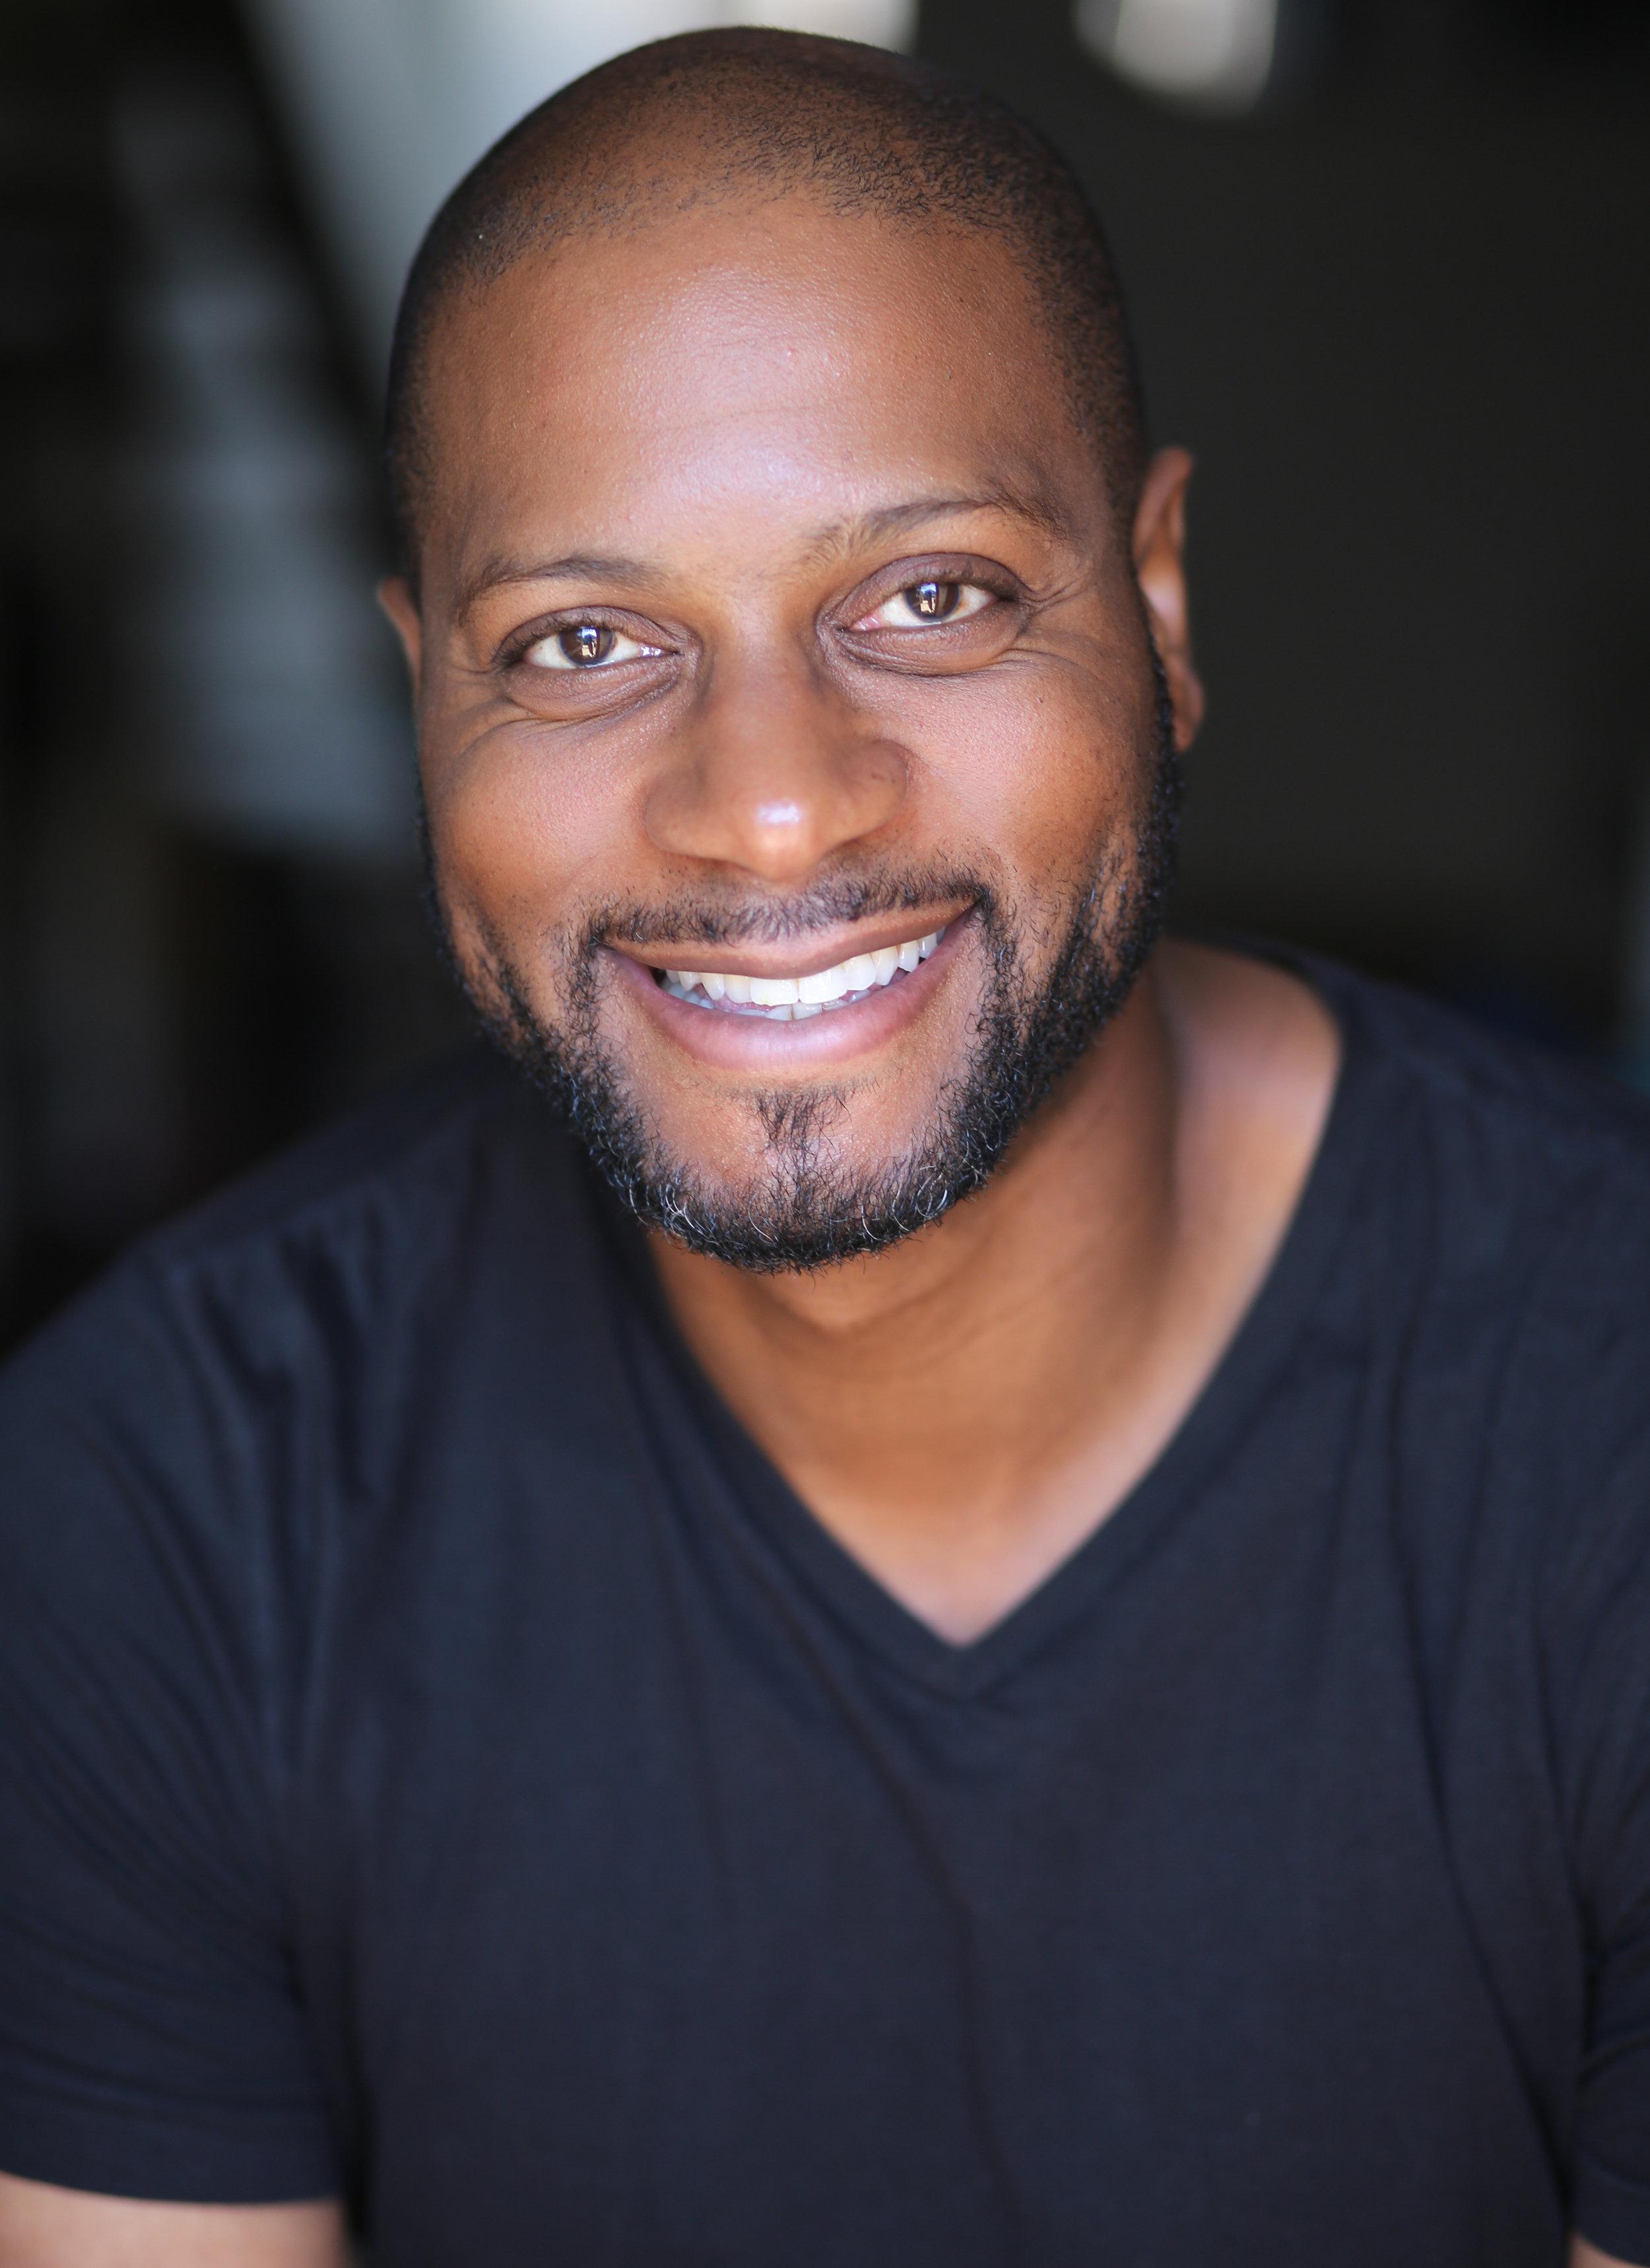 Rodney Earl Clarke - Bass-baritone